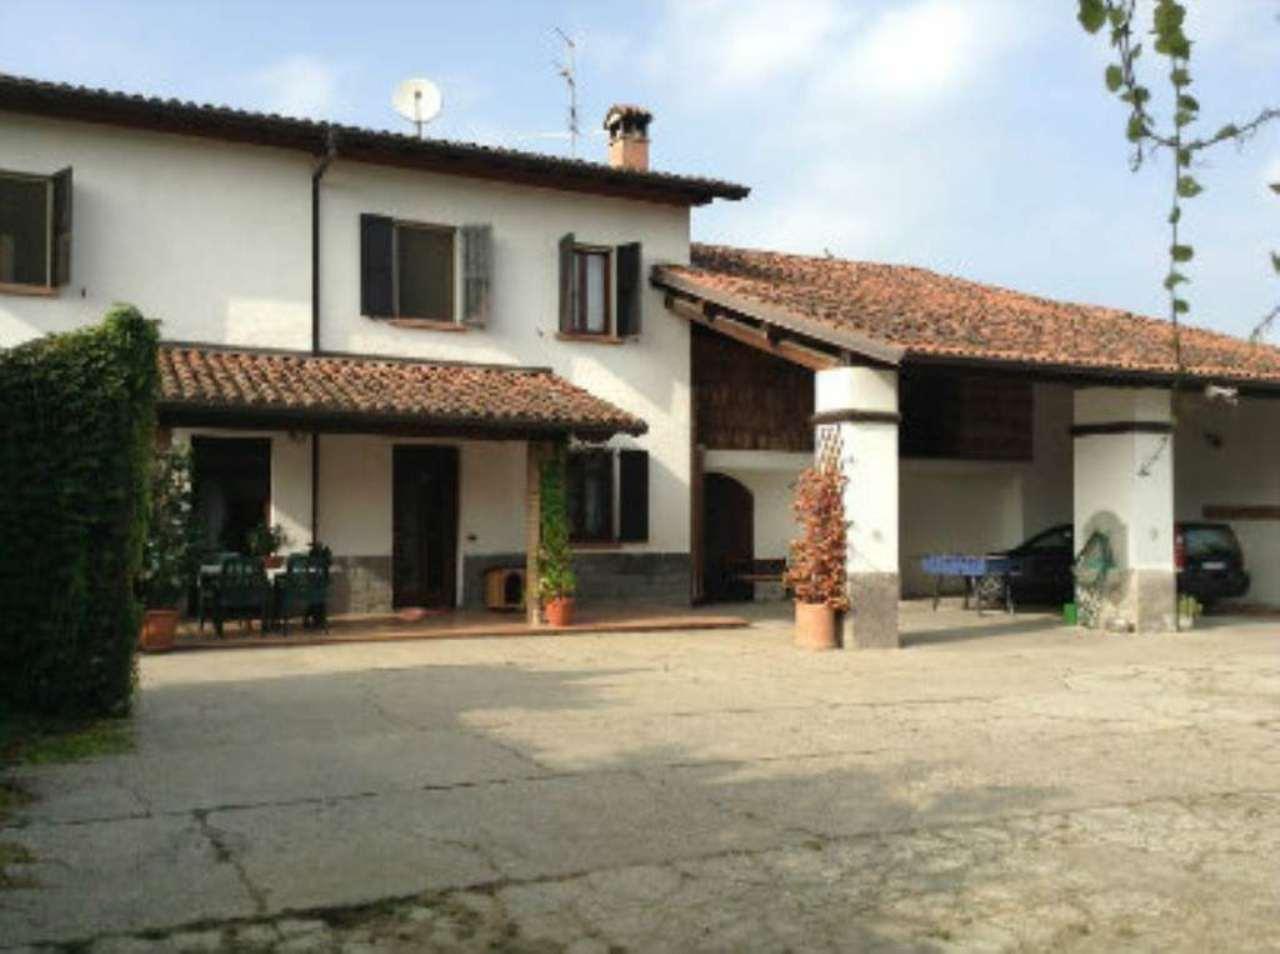 Rustico / Casale in vendita a Borghetto Lodigiano, 5 locali, prezzo € 395.000 | Cambio Casa.it